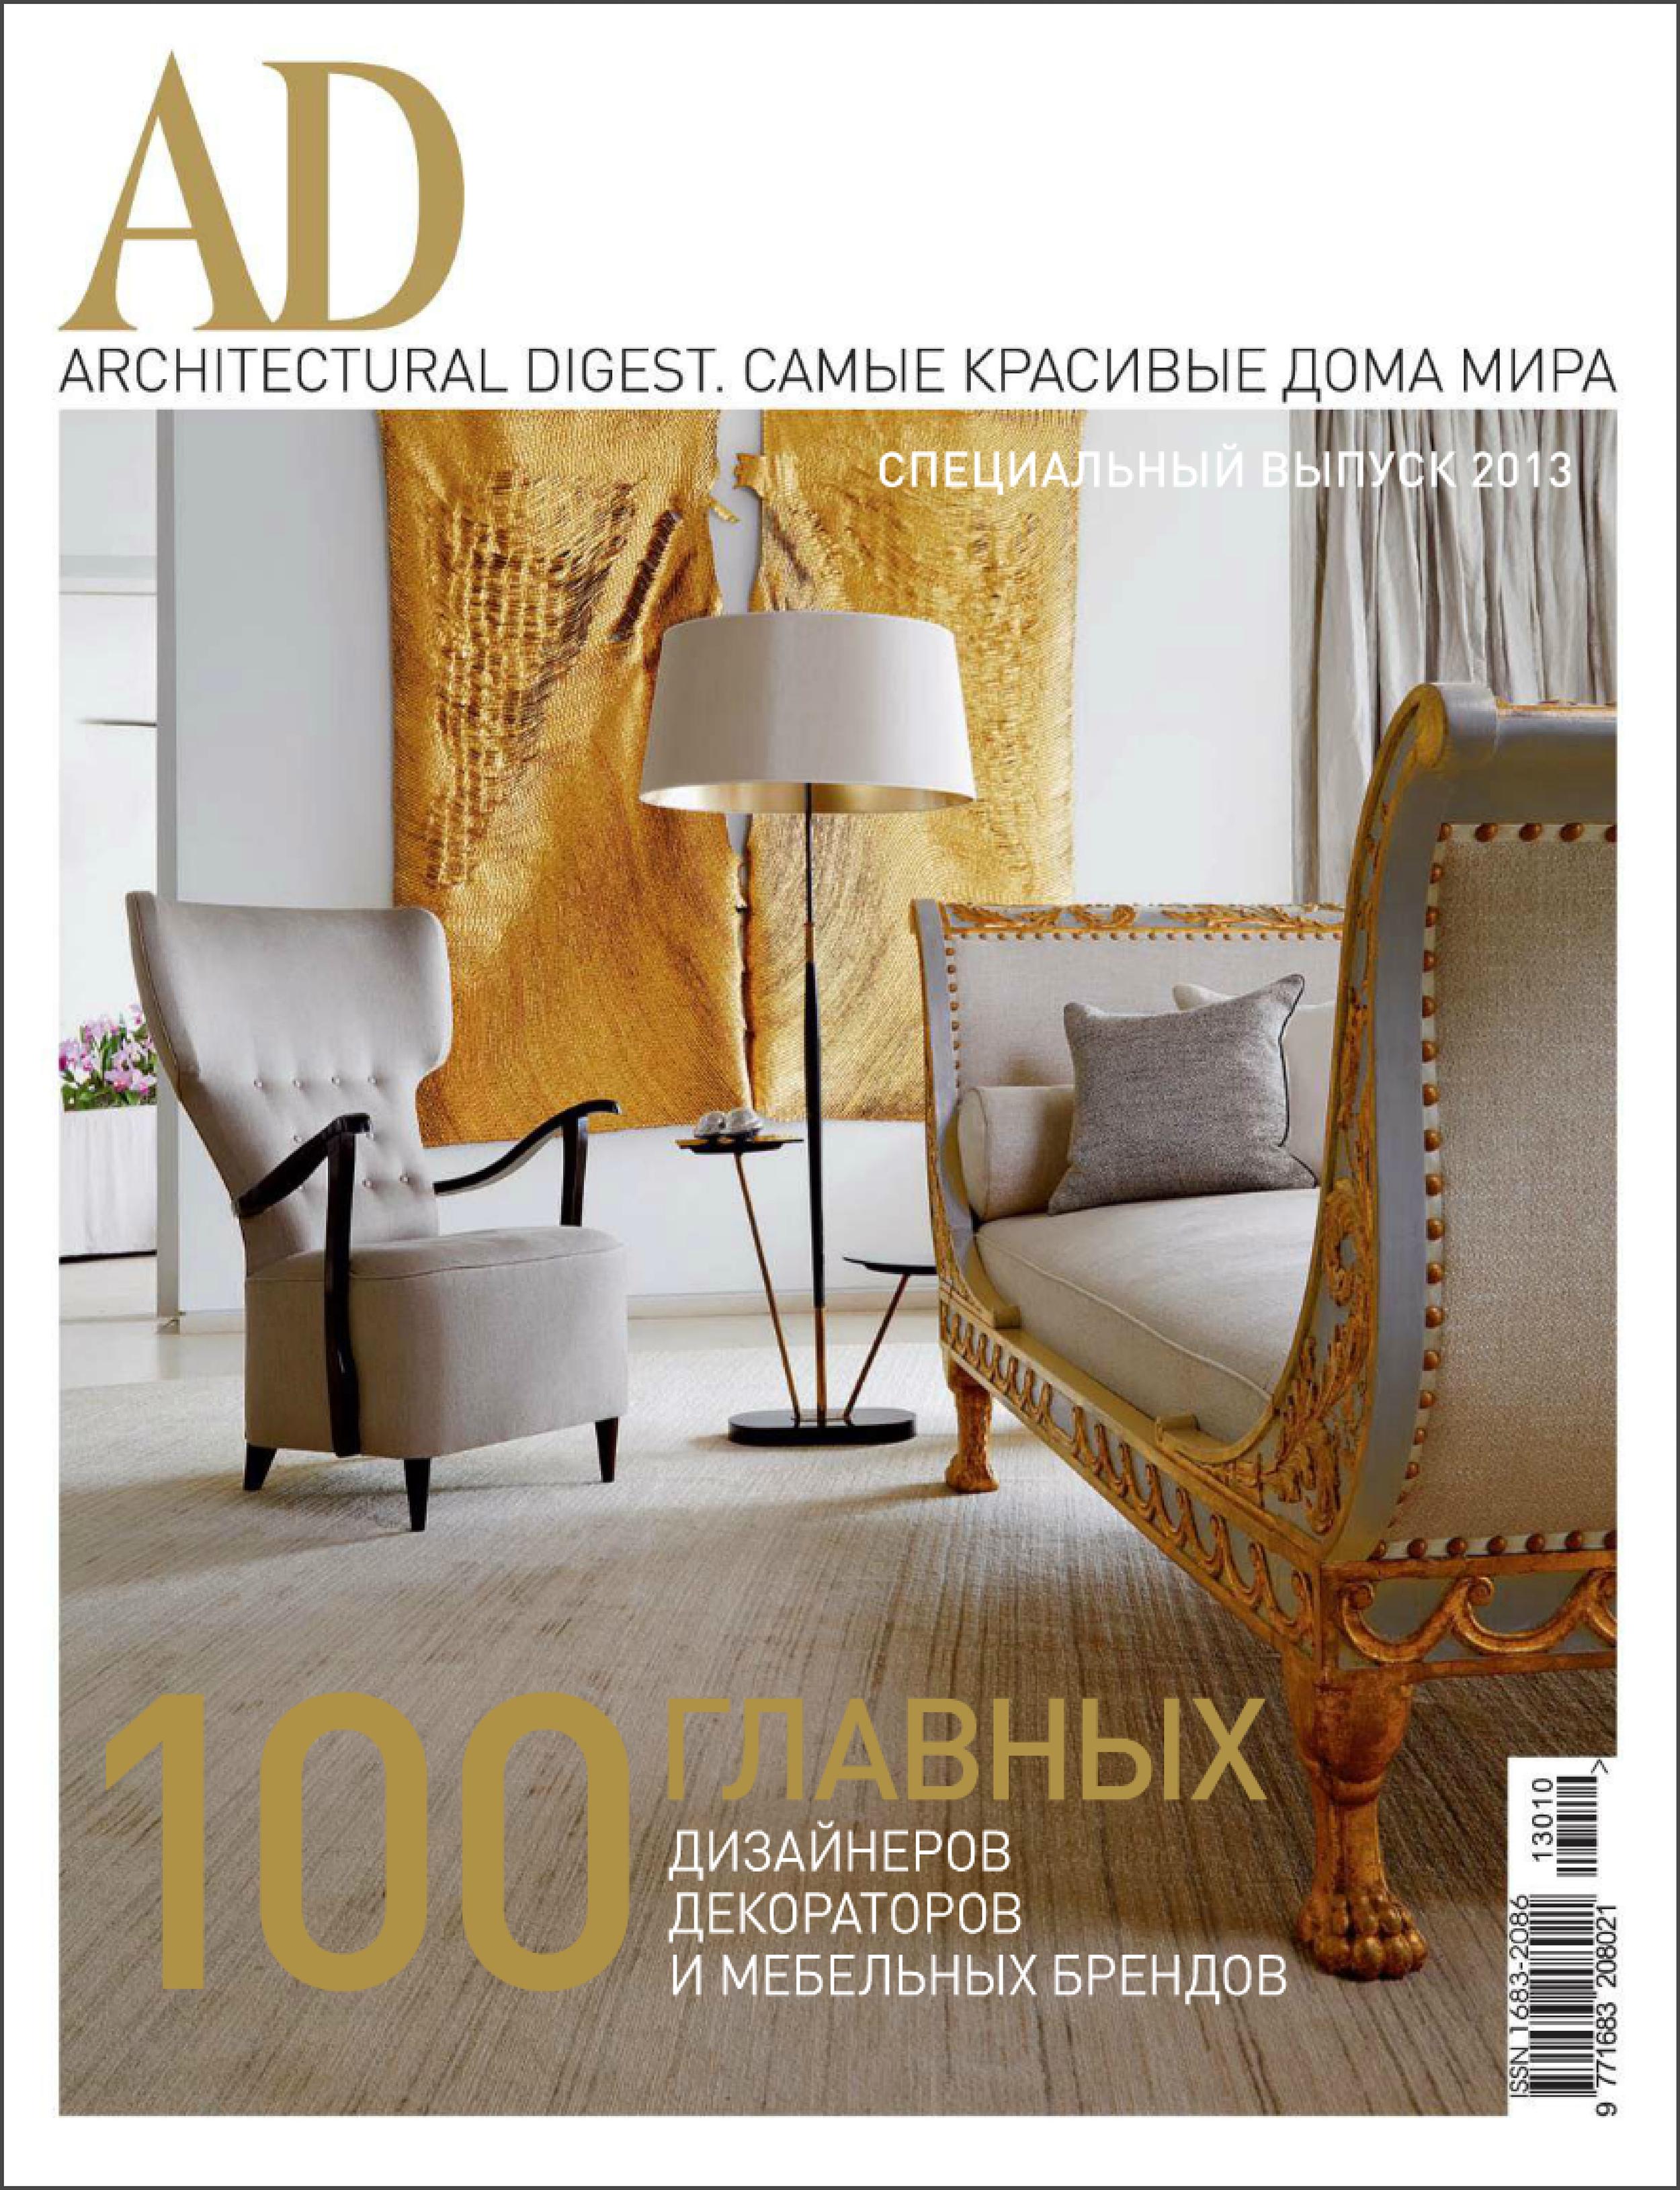 AD100 Russia 2013